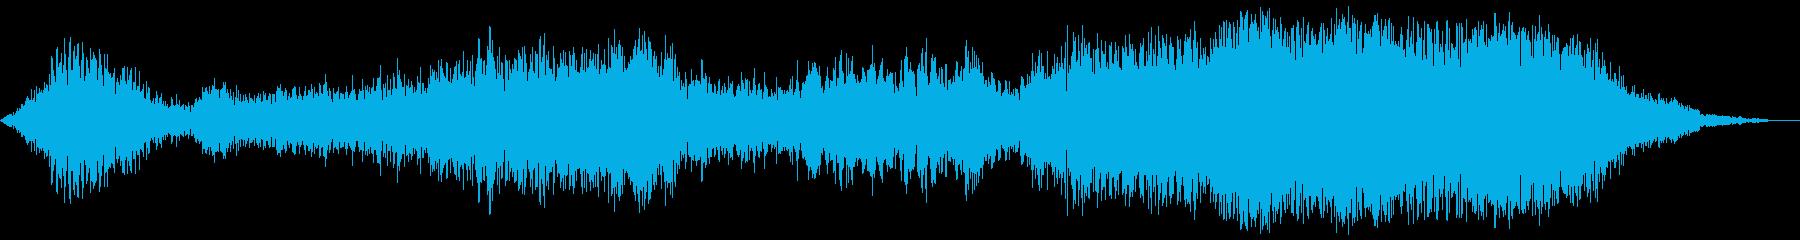 【ホラーゲーム】 滅びていく シーンの再生済みの波形